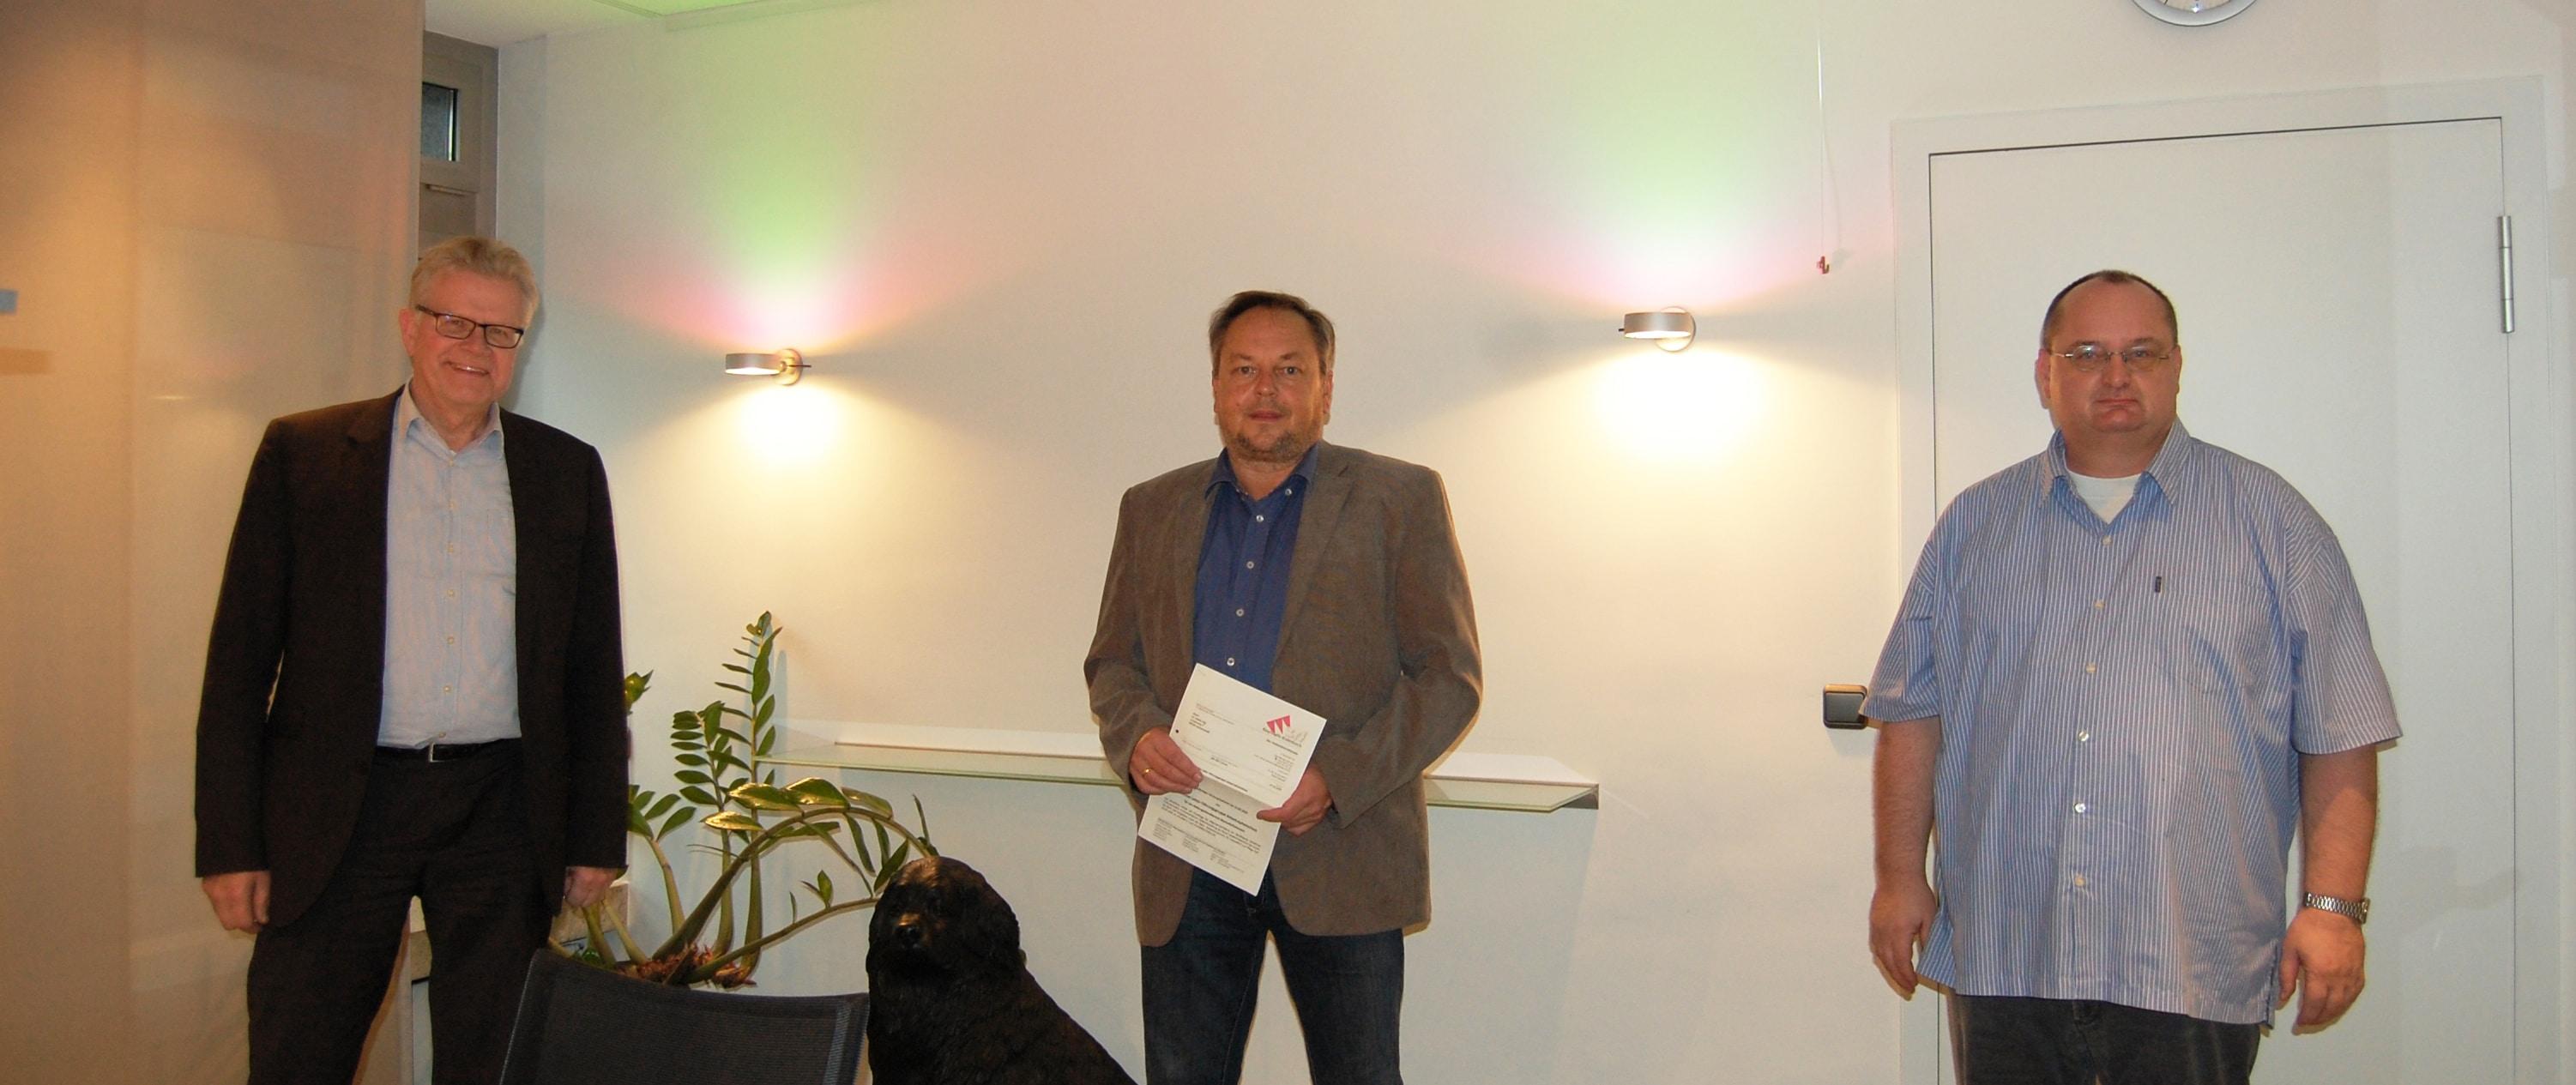 Unser Bild zeigt (von links): Oberbürgermeister Thomas Ebersberger, Dr. Stefan Eigl und Wolfgang Zwack (Geschäftsleiter des Zweckverbands für Rettungsdienst und Feuerwehralarmierung Bayreuth/Kulmbach).